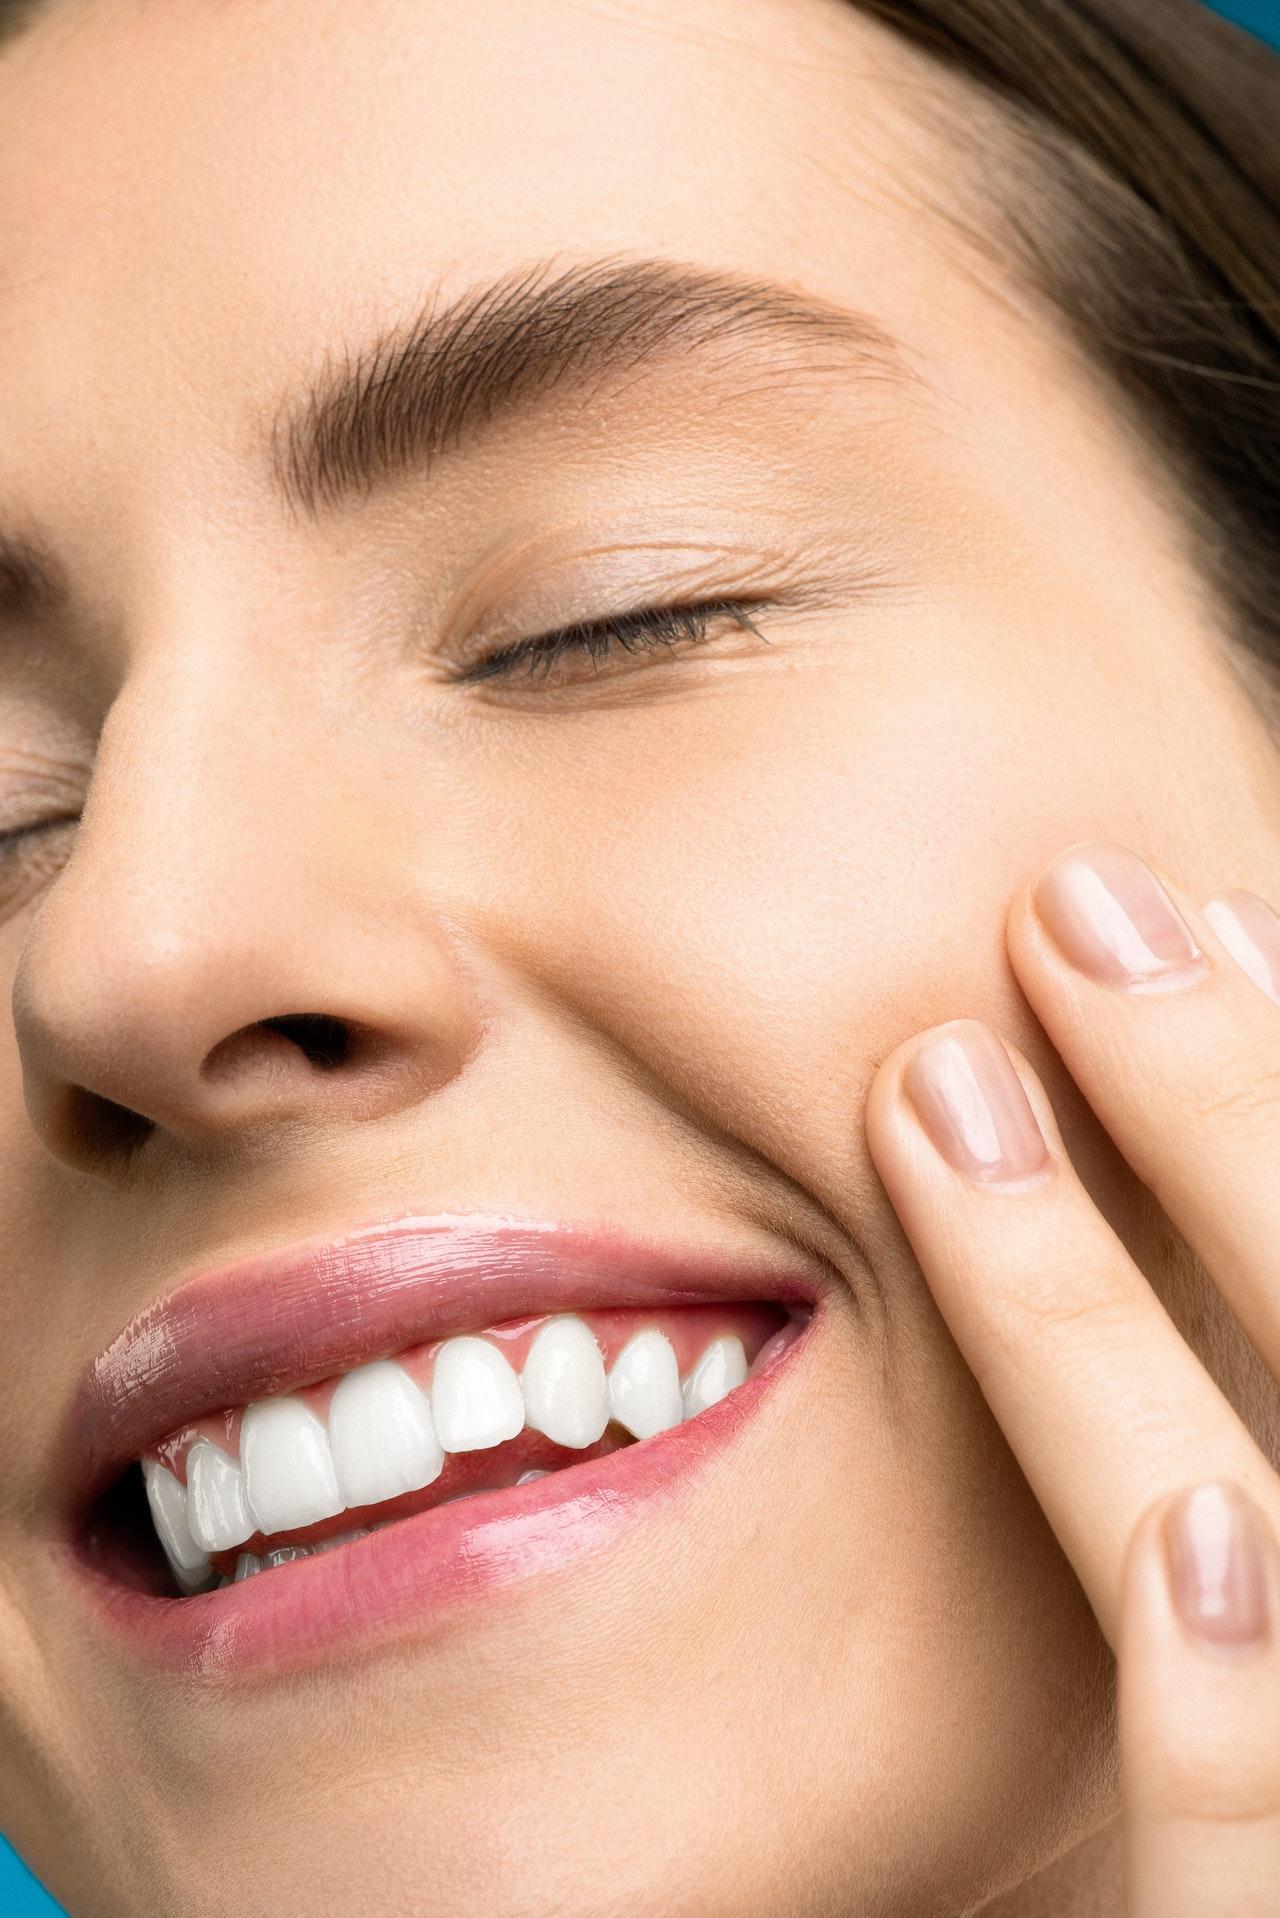 Cómo usar aloe vera para el acné